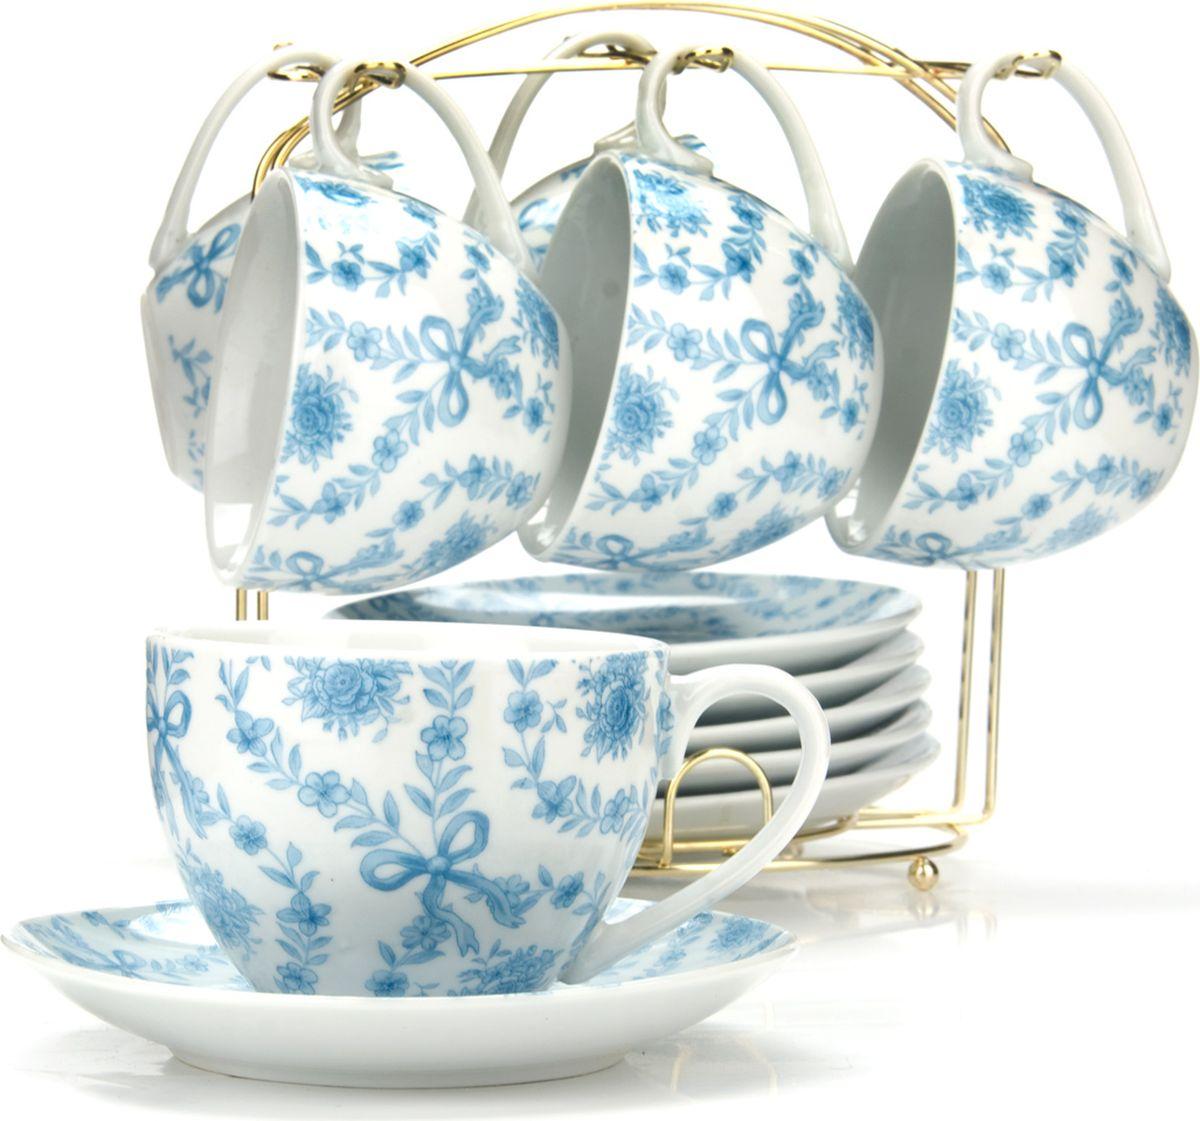 Сервиз чайный Loraine, на подставке, 13 предметов. 43287VT-1520(SR)Чайный набор состоит из шести чашек, шести блюдец и металлической подставки золотого цвета. Предметы набора изготовлены из качественного фарфора и оформлены красочным цветным рисунком. Чайный набор идеально подойдет для сервировки стола и станет отличным подарком к любому празднику. Все изделия можно компактно хранить на подставке, входящей в набор. Подходит для мытья в посудомоечной машине.Диаметр чашки: 9 см.Высота чашки: 7 см.Объем чашки: 220 мл.Диаметр блюдца: 14 см.